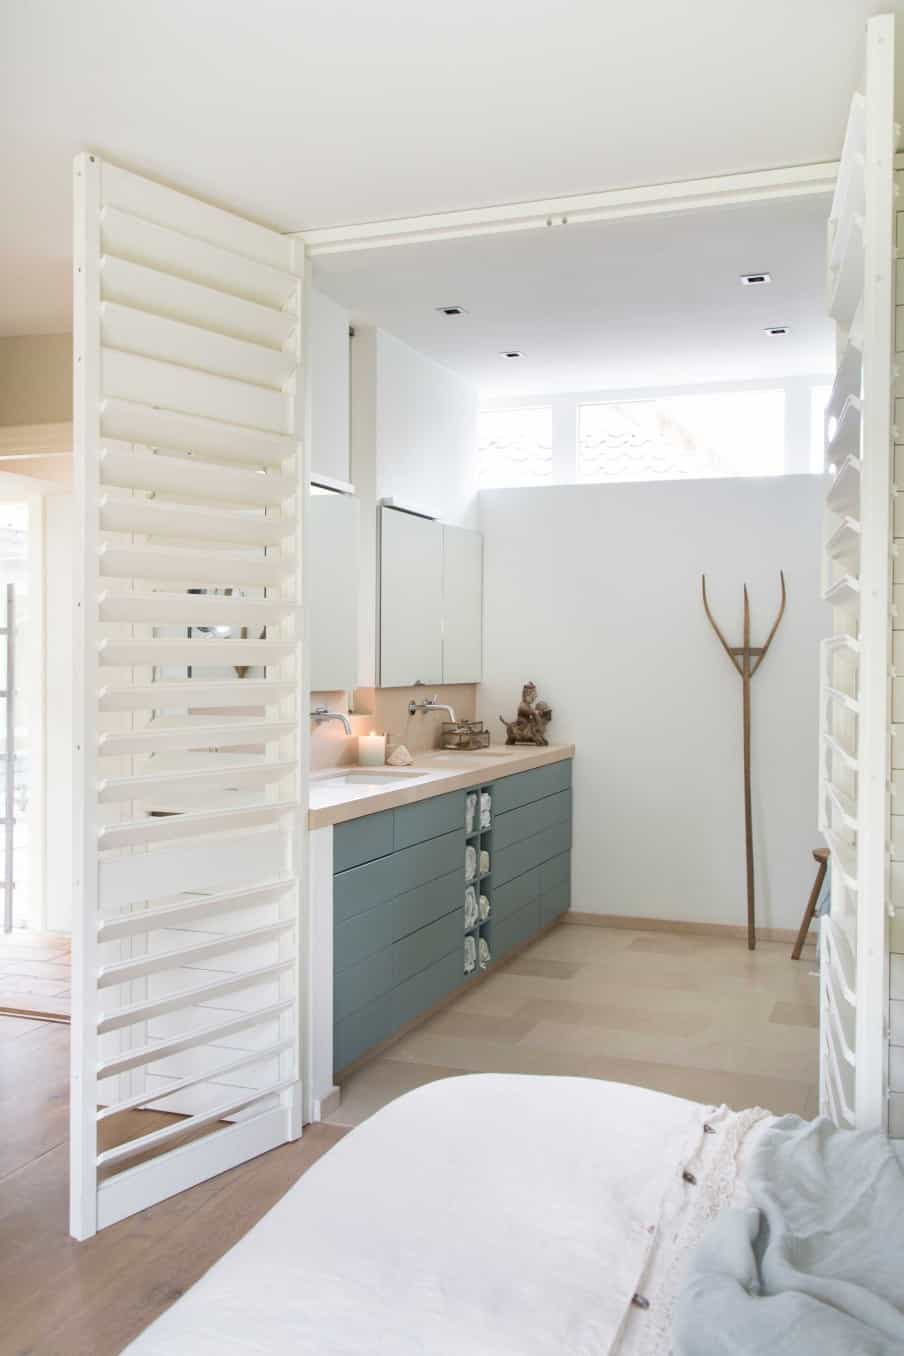 Bathroom door shutters